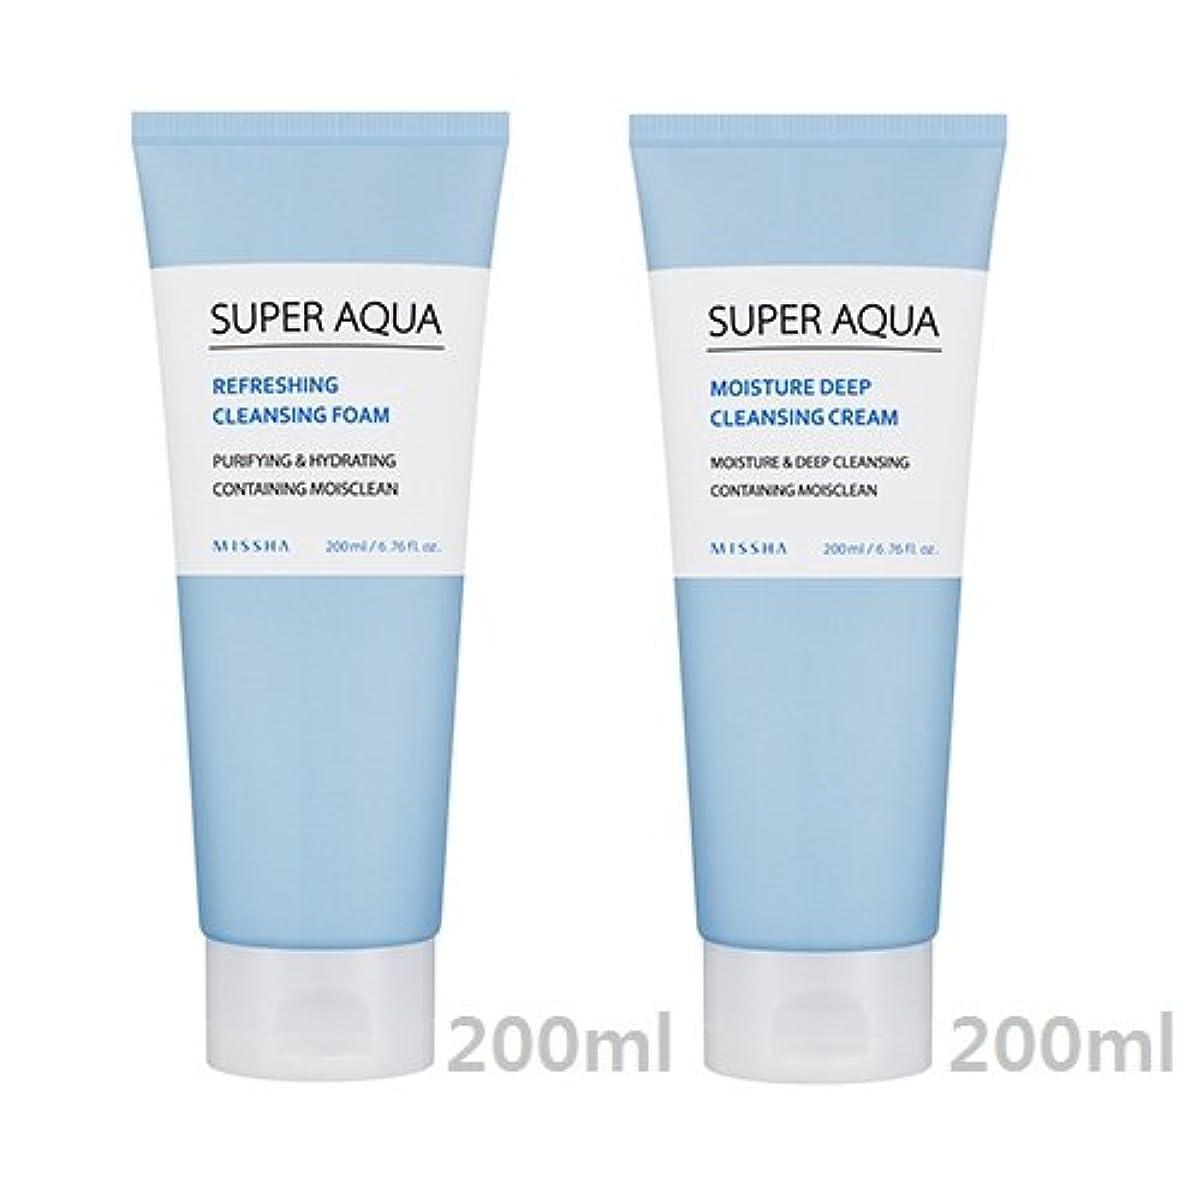 シダ無謀バッテリー[1+1] MISSHA Super Aqua Cleansing Cream + Foam/ミシャ スーパー アクア クレンジング クリーム + フォーム [並行輸入品]